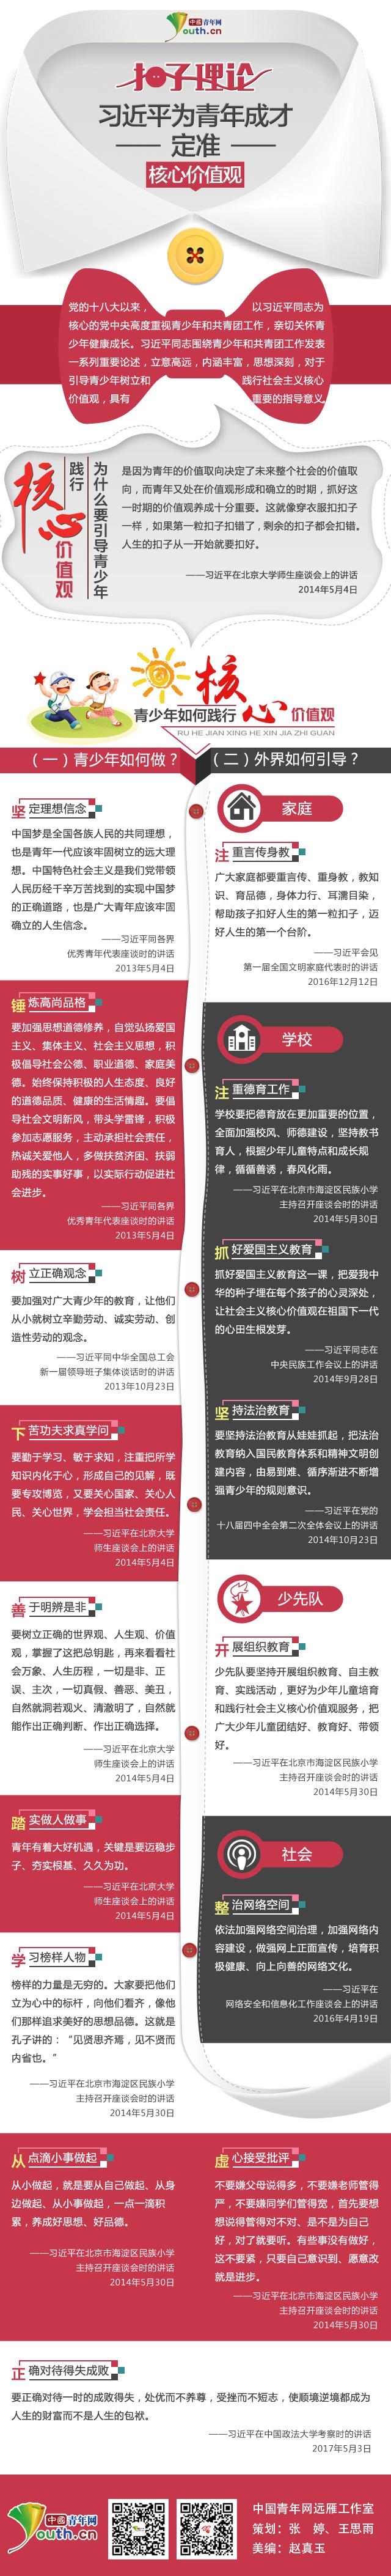 香港马会内部资料免费公开